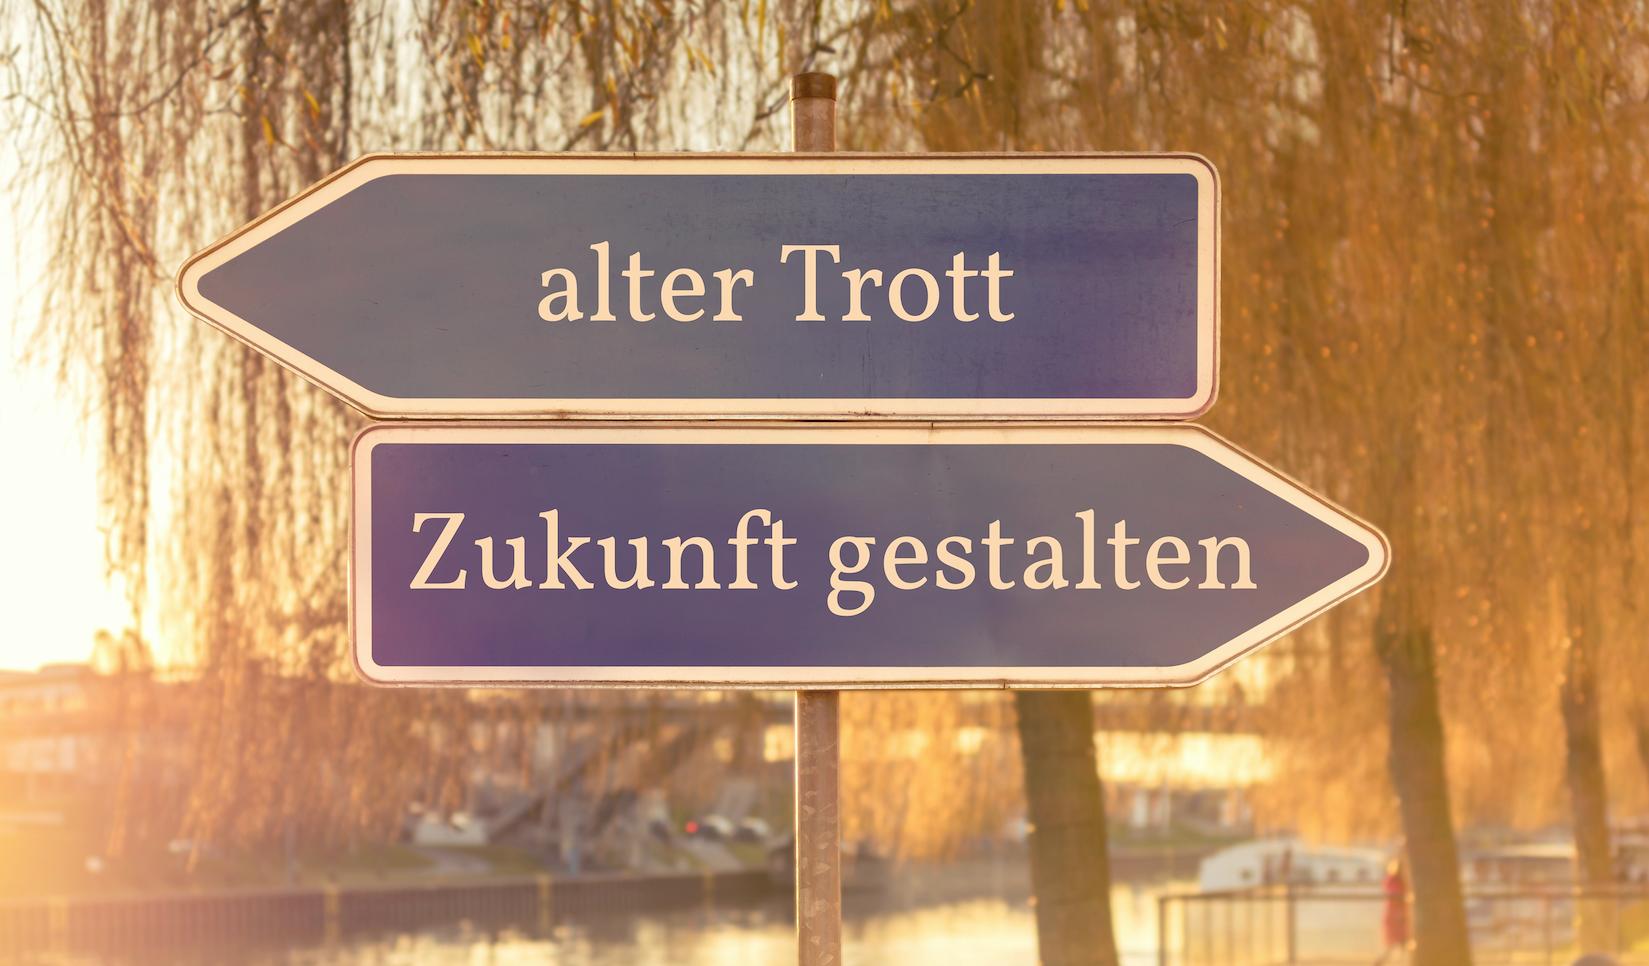 Oelder FDP noch im Wahlkampfmodus